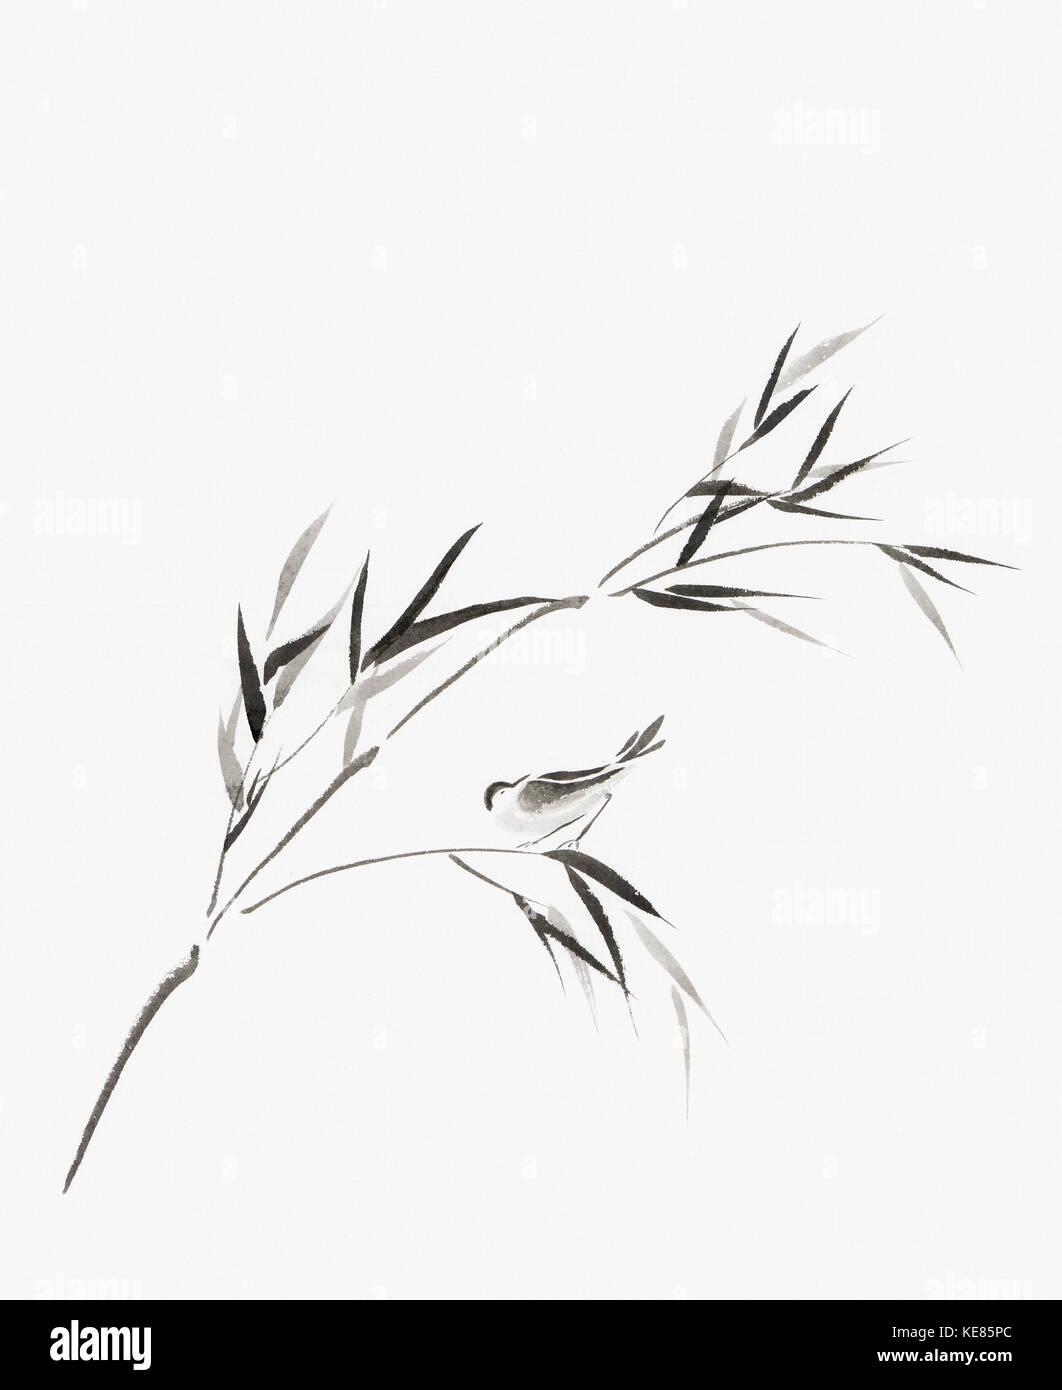 Donde se posan las aves en una rama de bambú con hojas artística ilustración de estilo oriental, Imagen De Stock